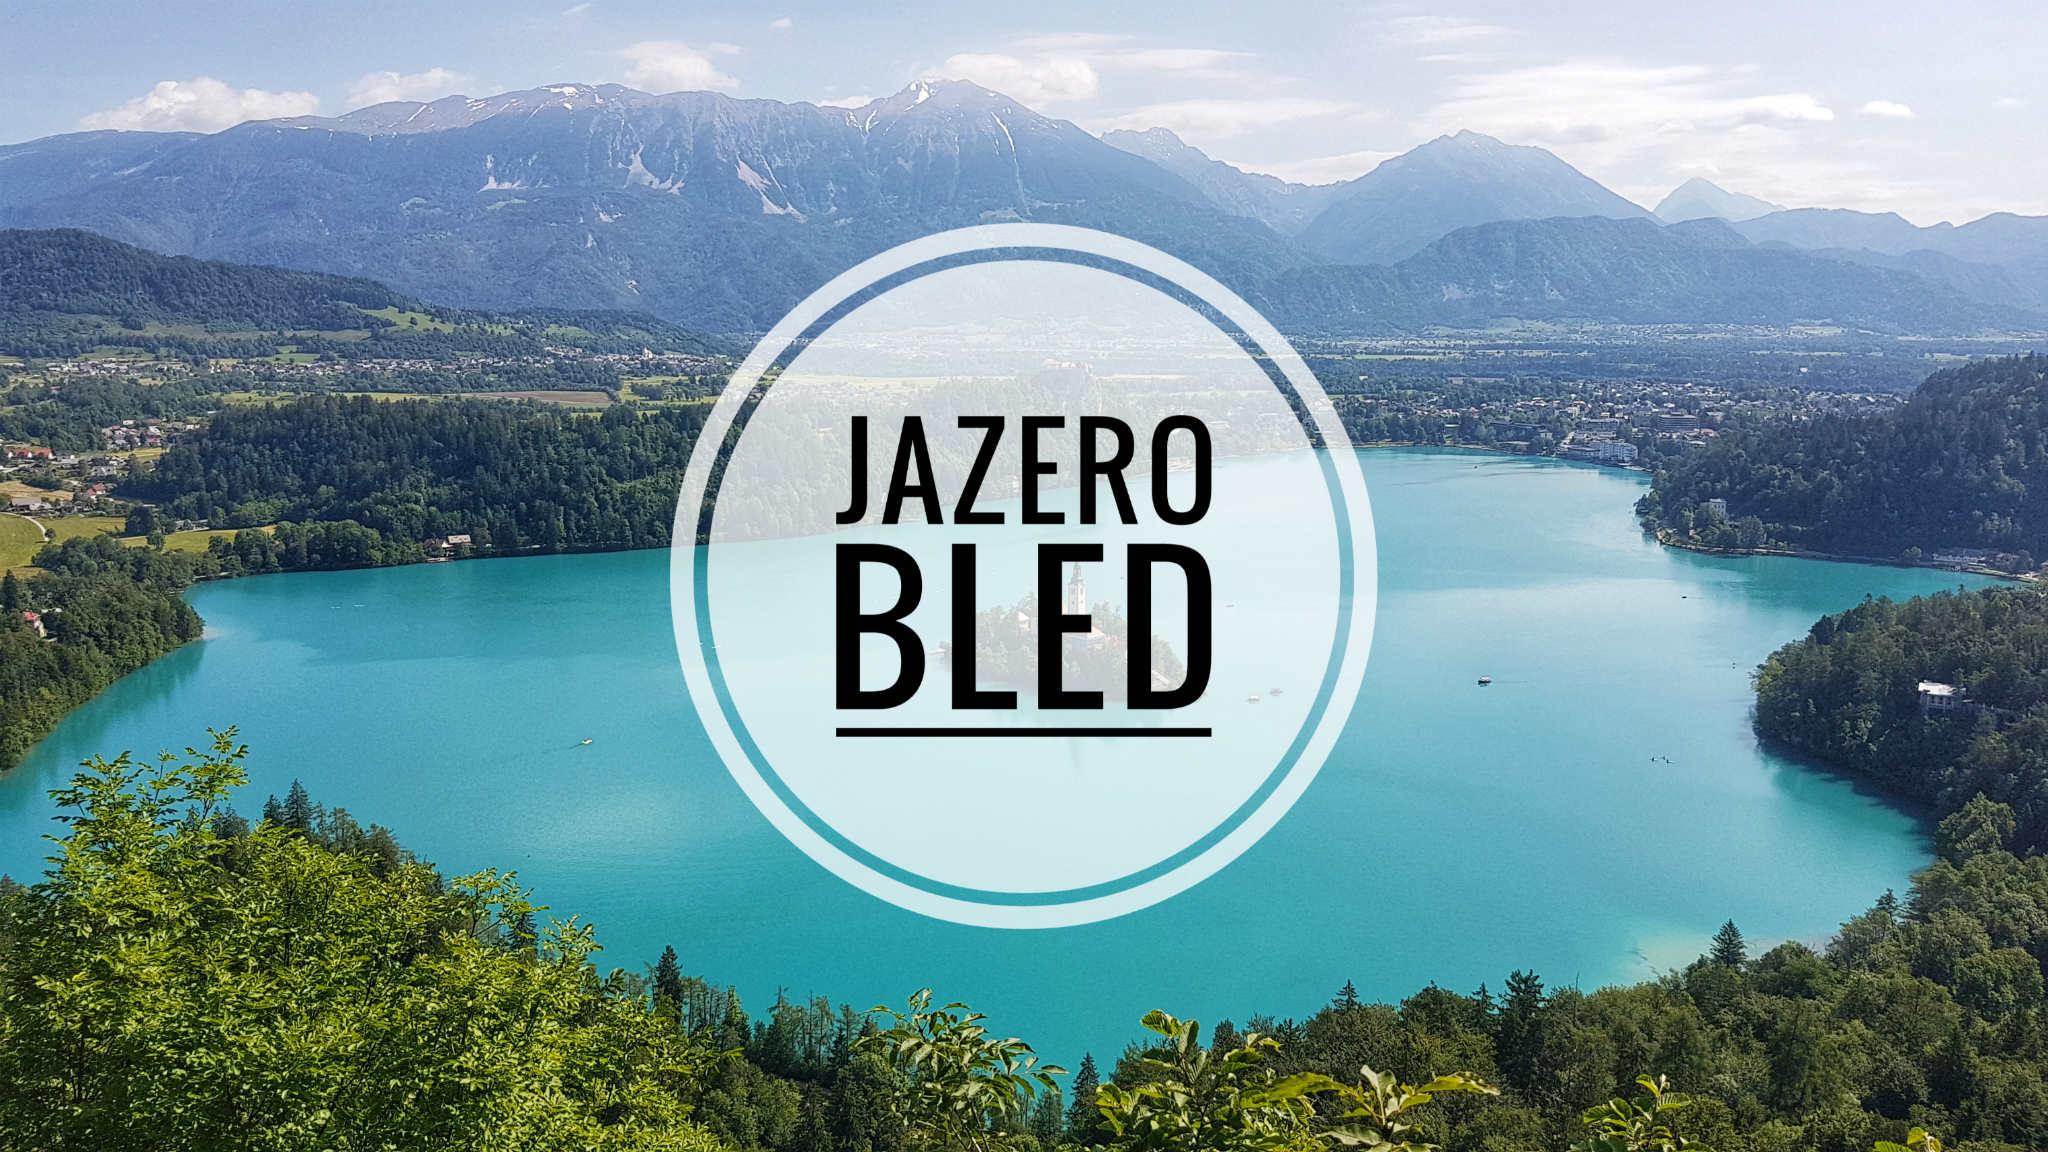 jazero-bled-slovinsko-titulka